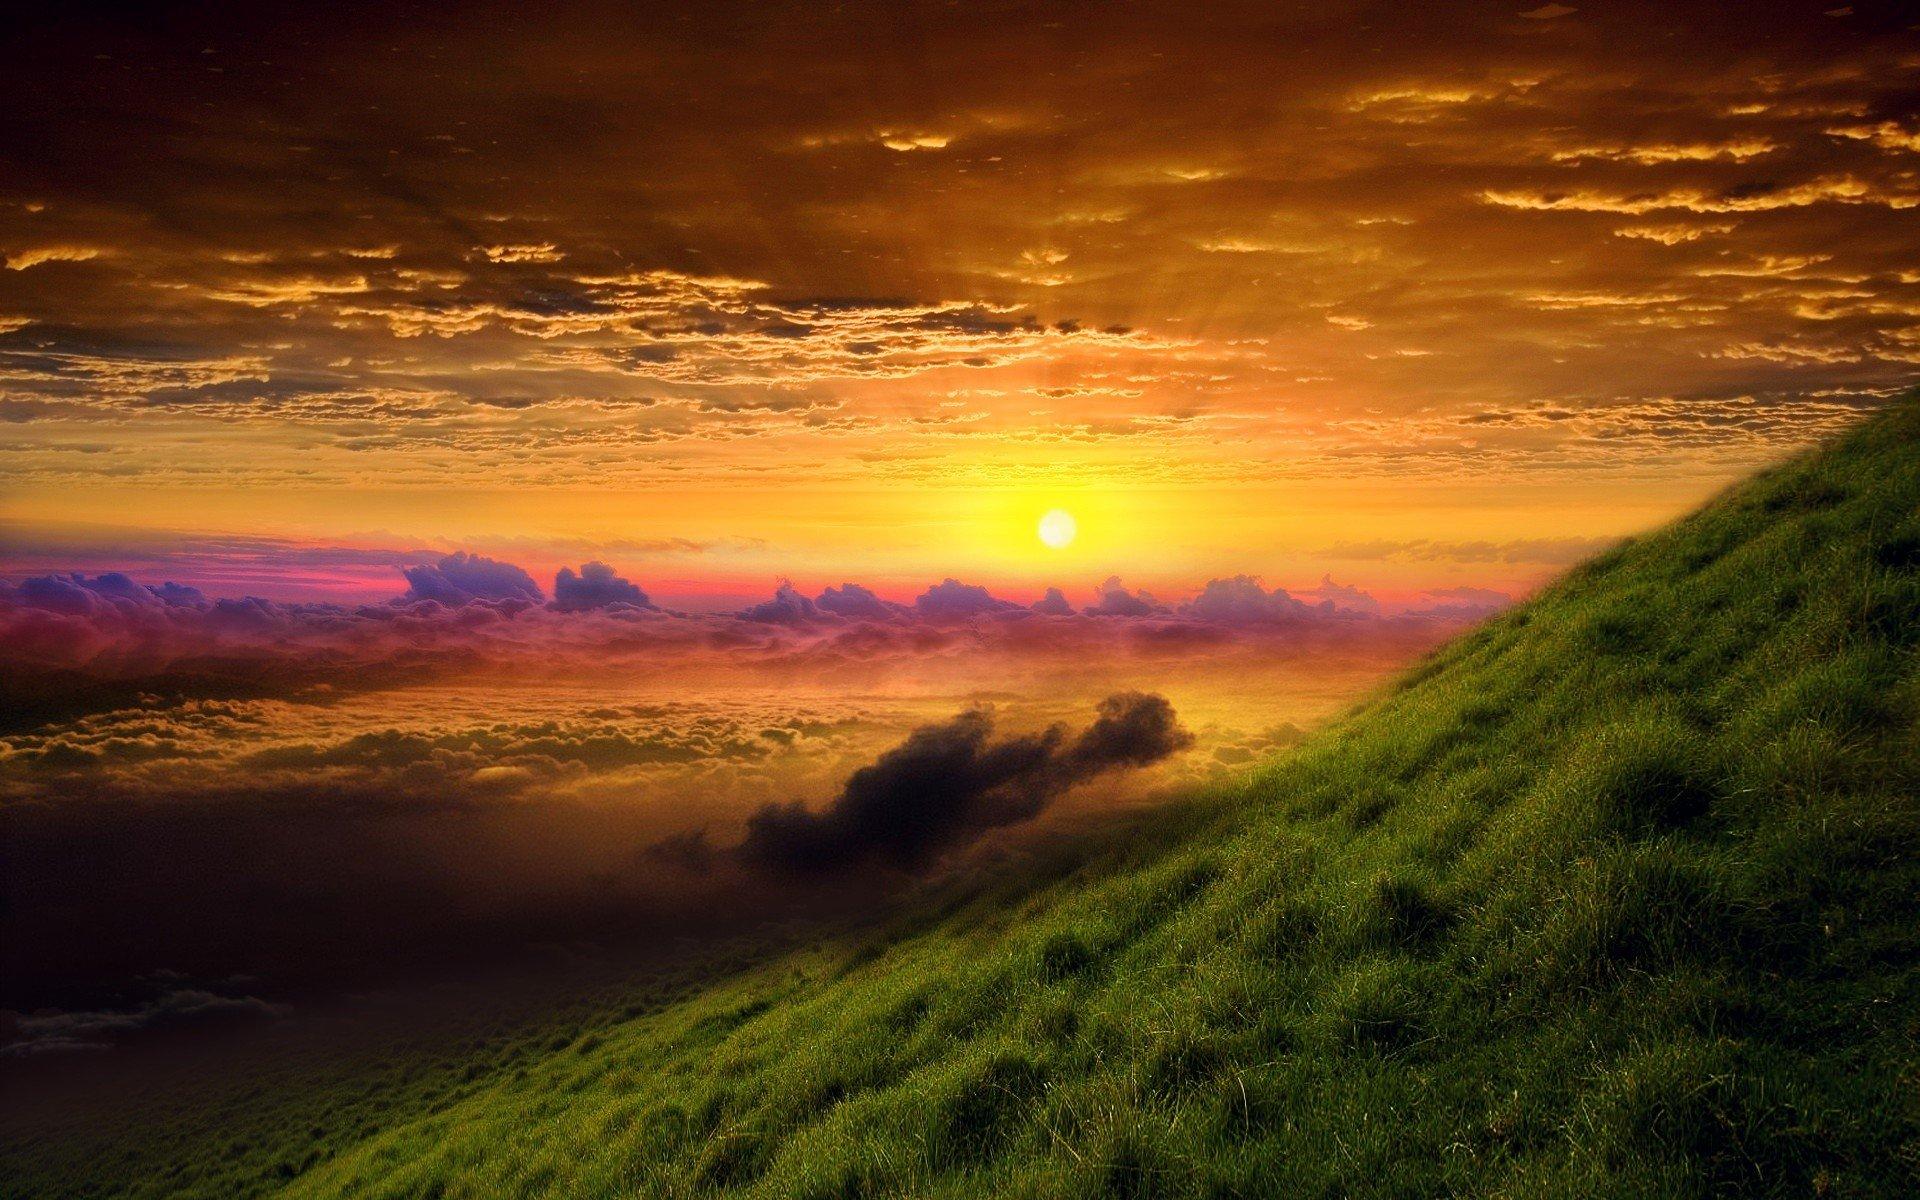 Fondo de pantalla de Amanecer en una montaña Imágenes